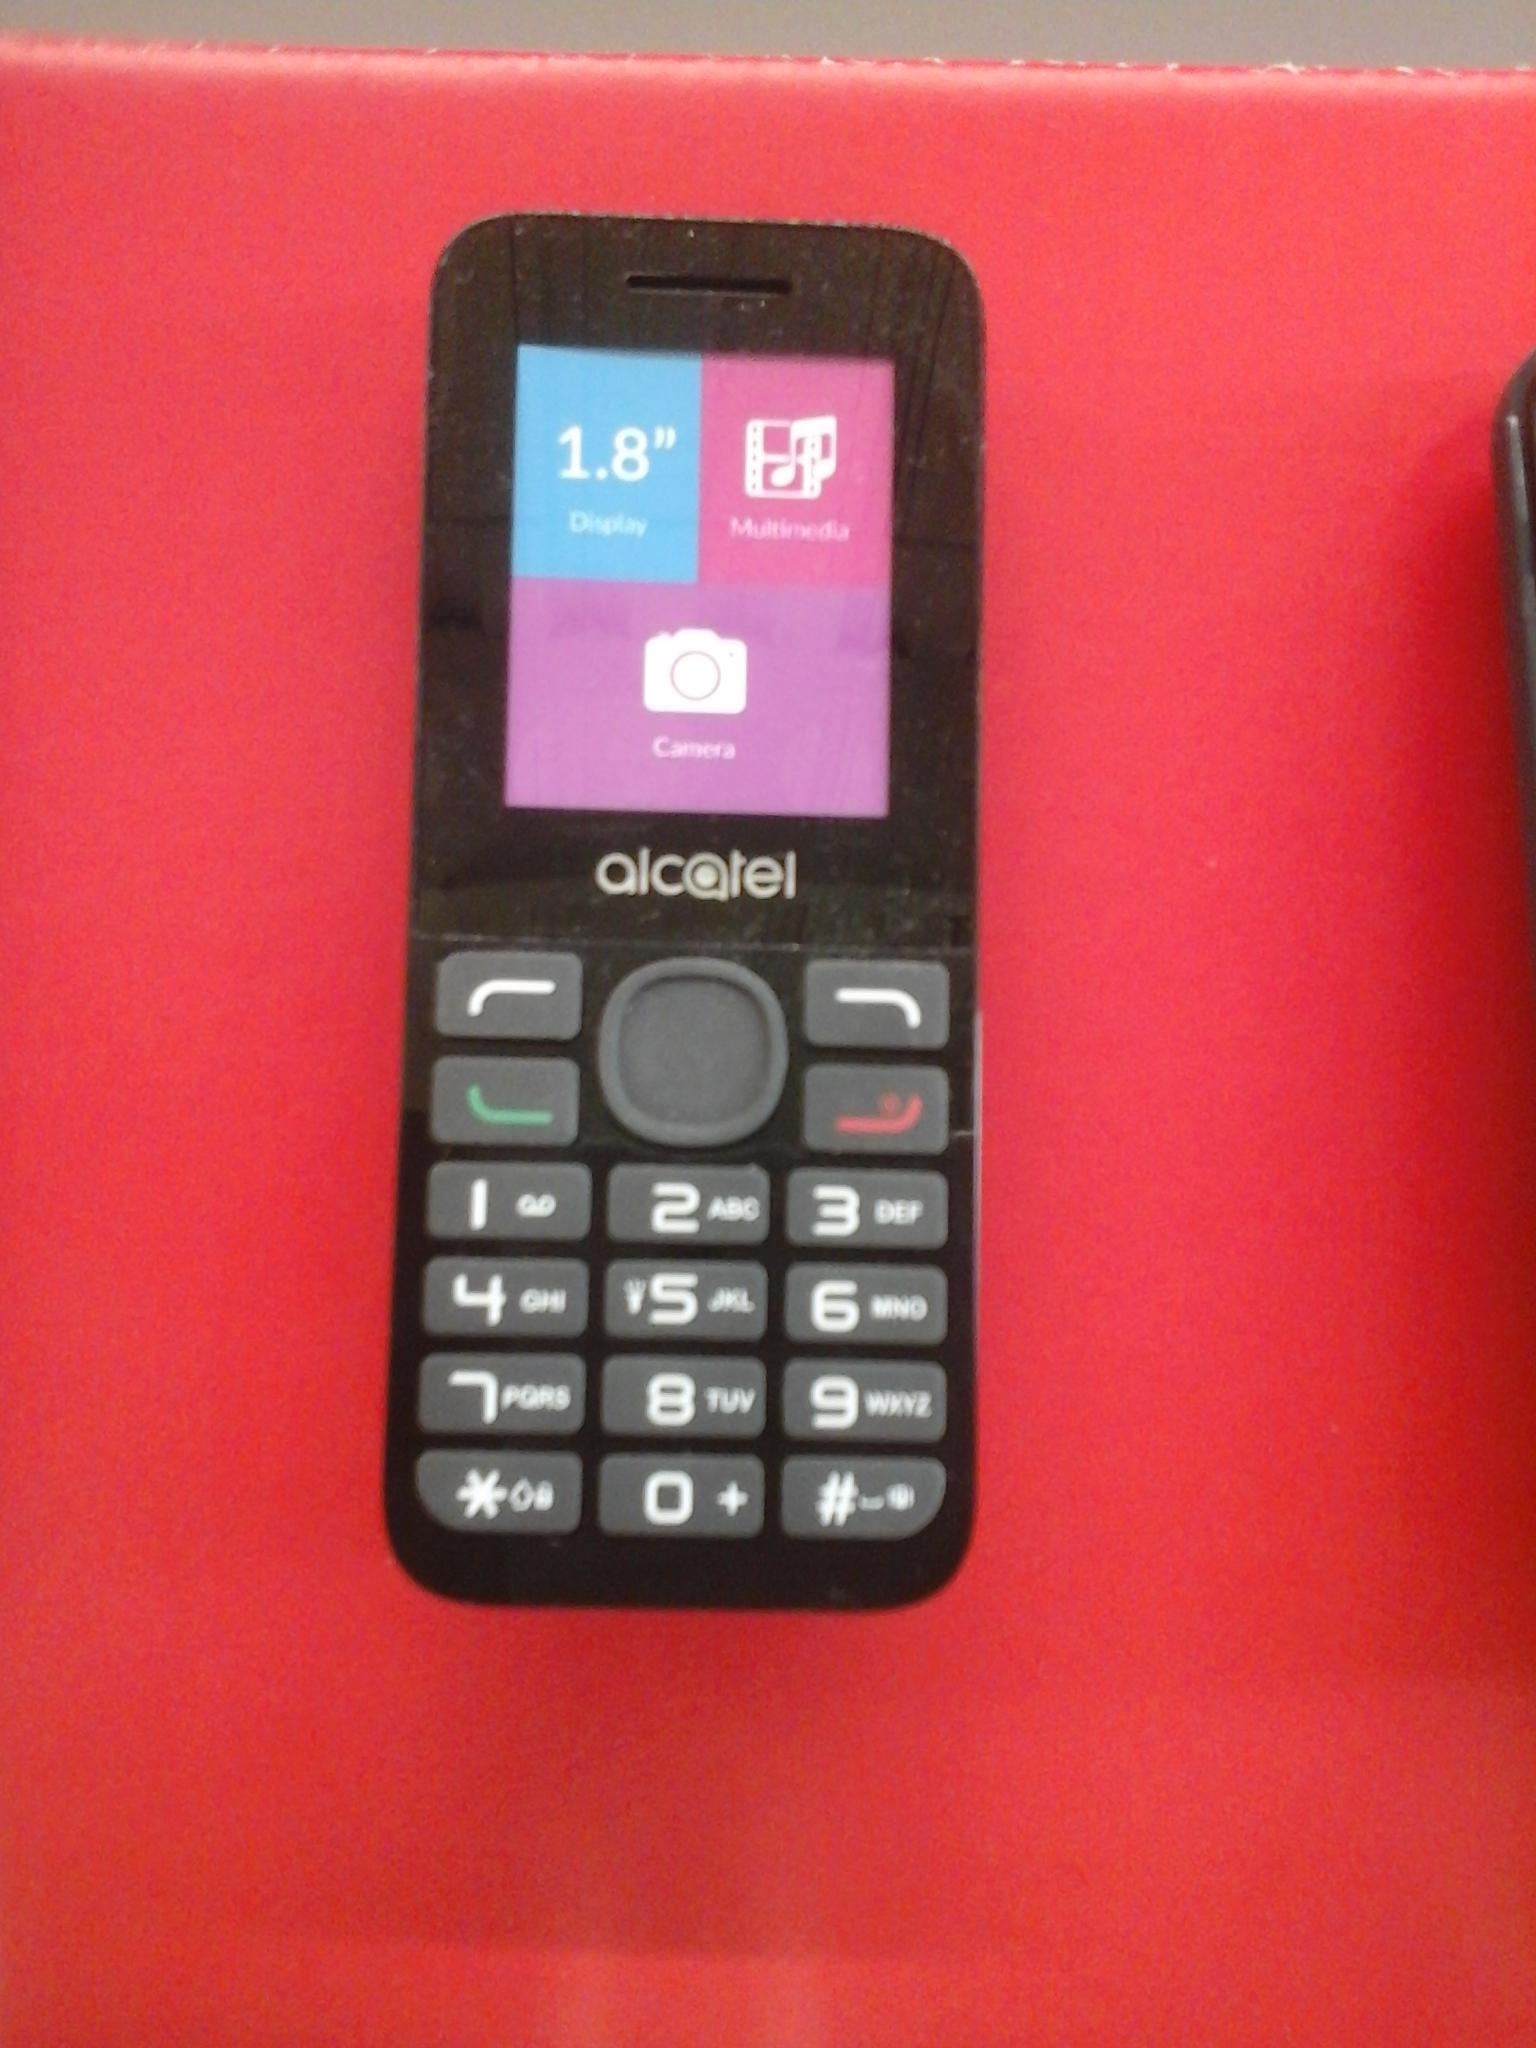 Vodaphone alcatel 10.54 - £4 @ Sainsburys - Derby Store